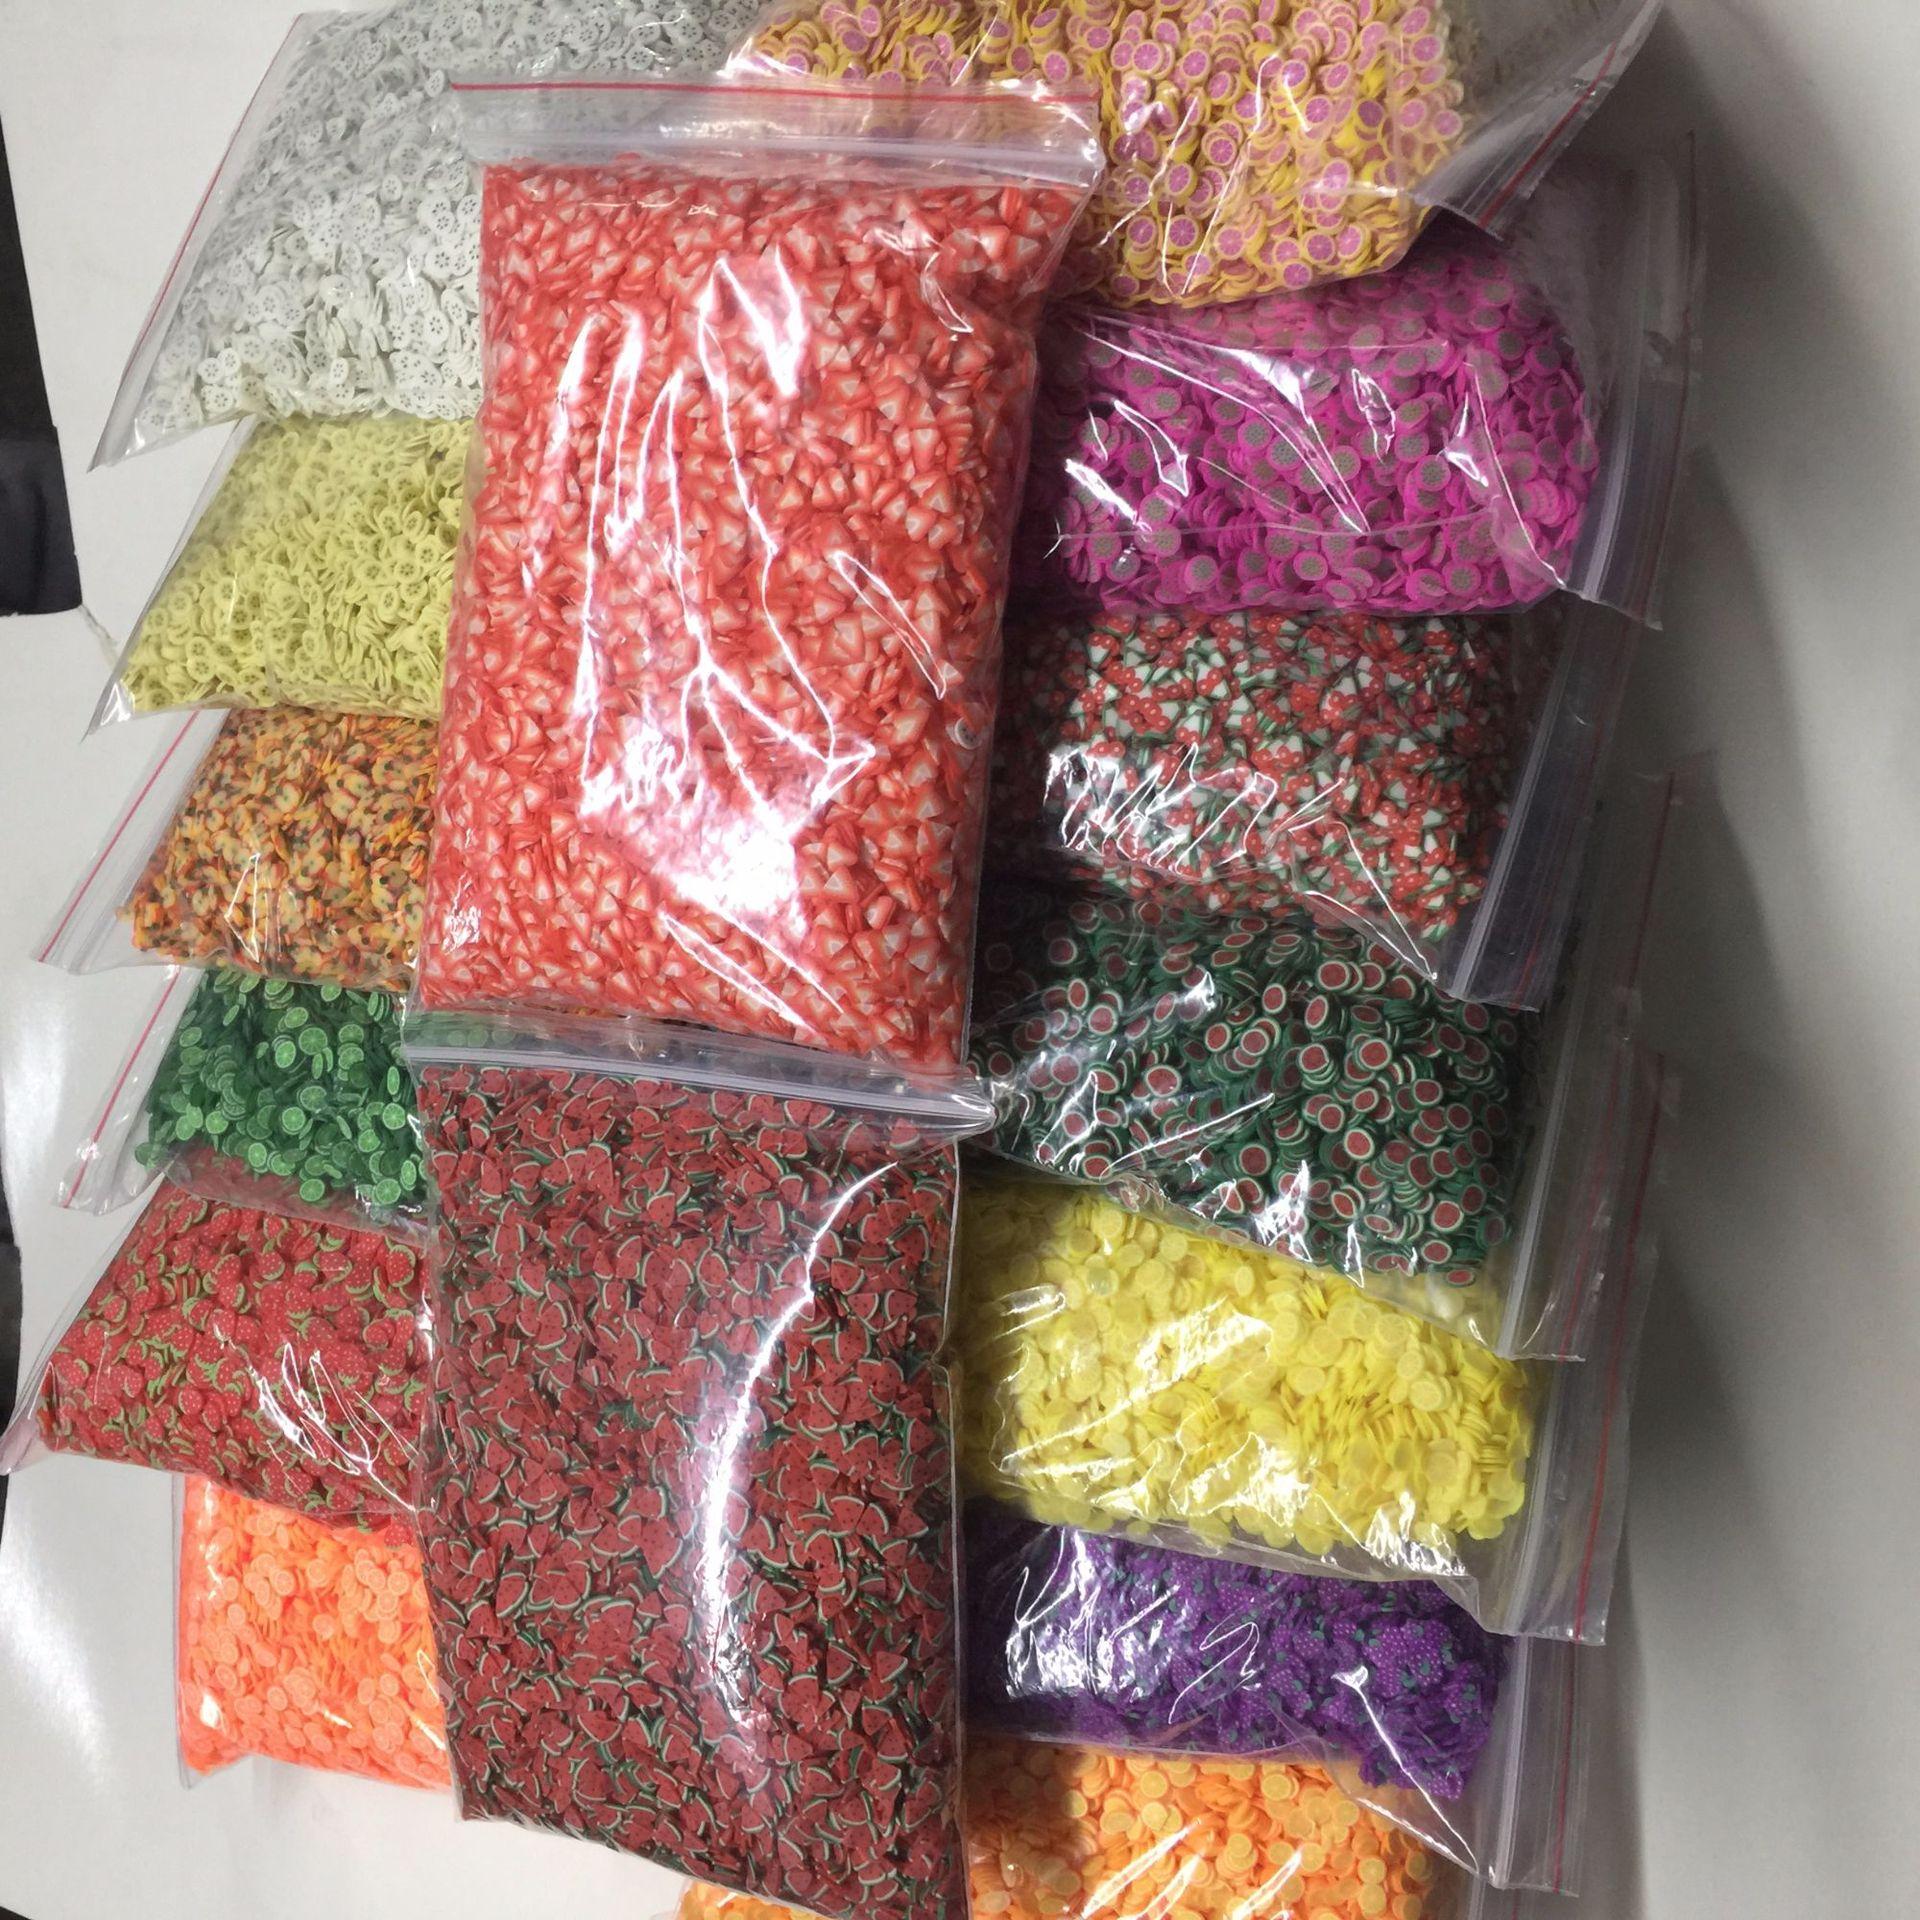 1 kg bag decoracao do prego da argila do polimero fimo fatia de argila do polimero